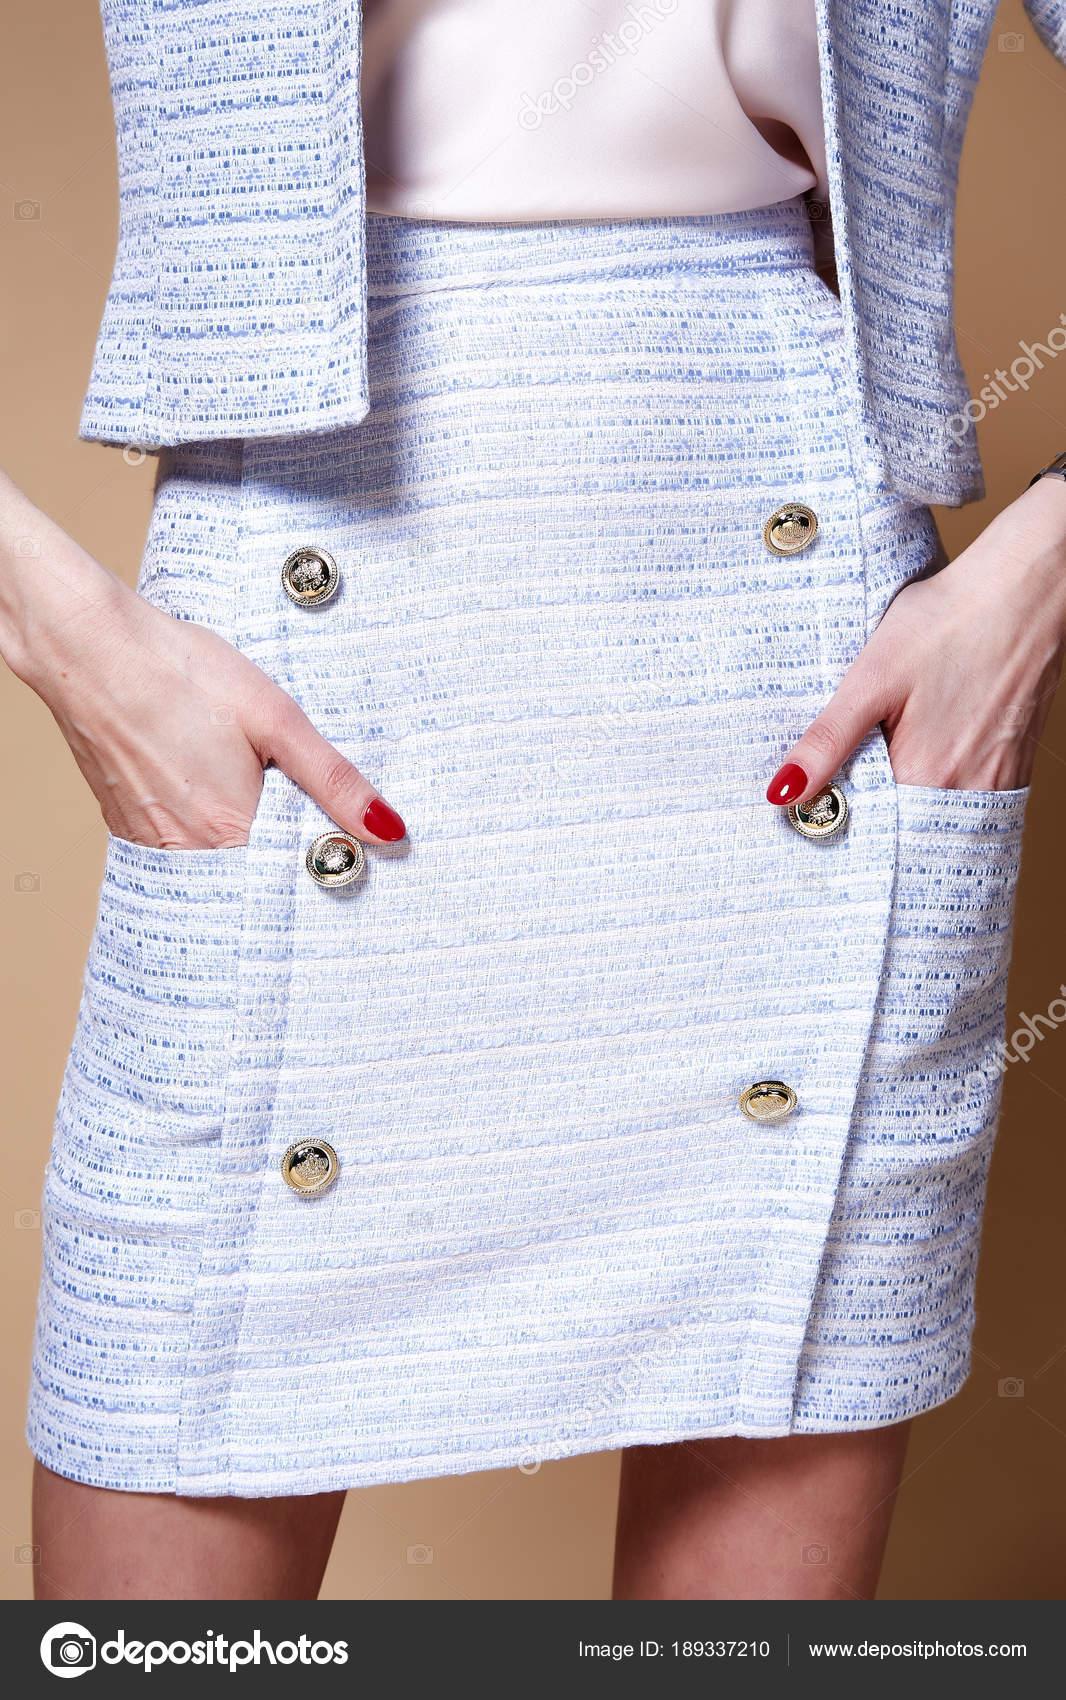 657f0da7b5af Деталь женщина одежды аксессуаров каталог коллекции моды стиль гламур —  Фото автора Iniraswork